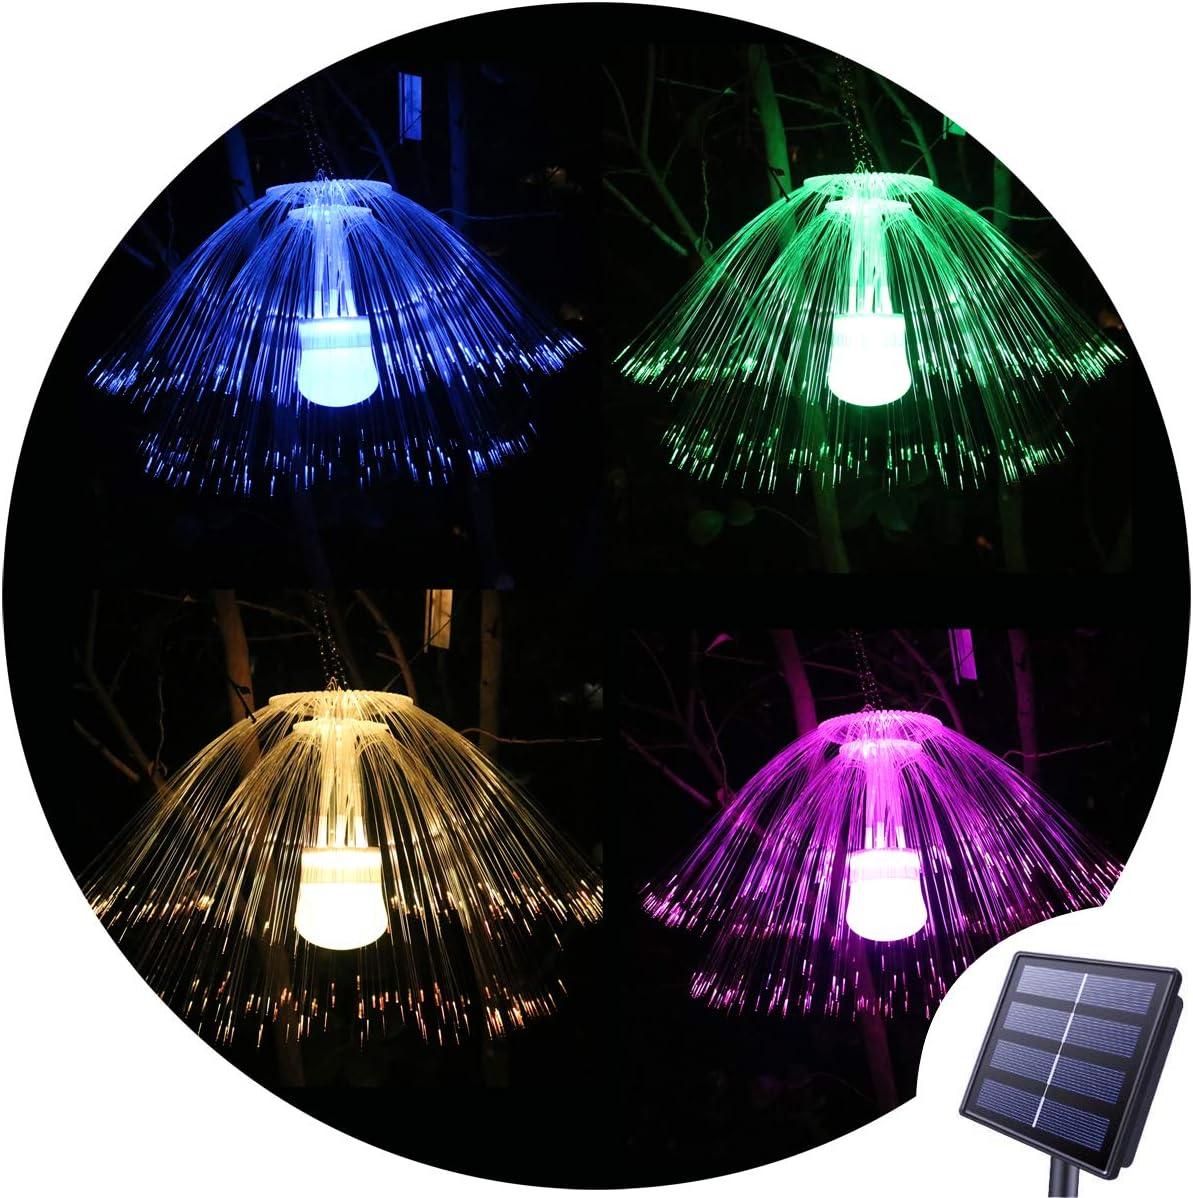 Oycbuzo - Lámpara Solar para Colgar en el árbol, Luces solares de jardín, Luces LED Que cambian de Color, Luces de Paisaje para jardín, Patio, Ventana: Amazon.es: Jardín